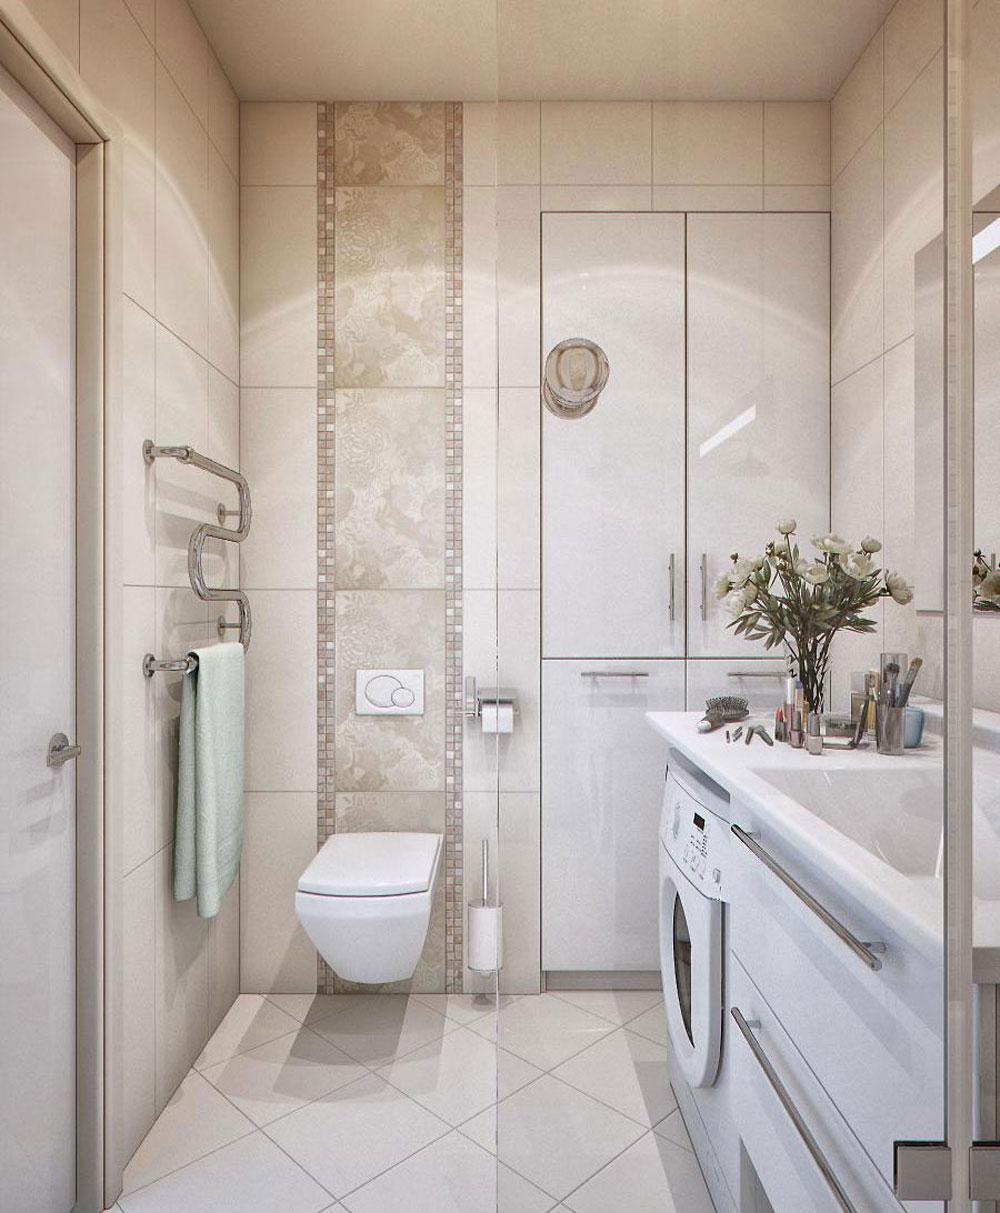 Designa-ett-litet badrum-idéer-och-tips-2 Designa-ett-litet badrum - idéer och tips